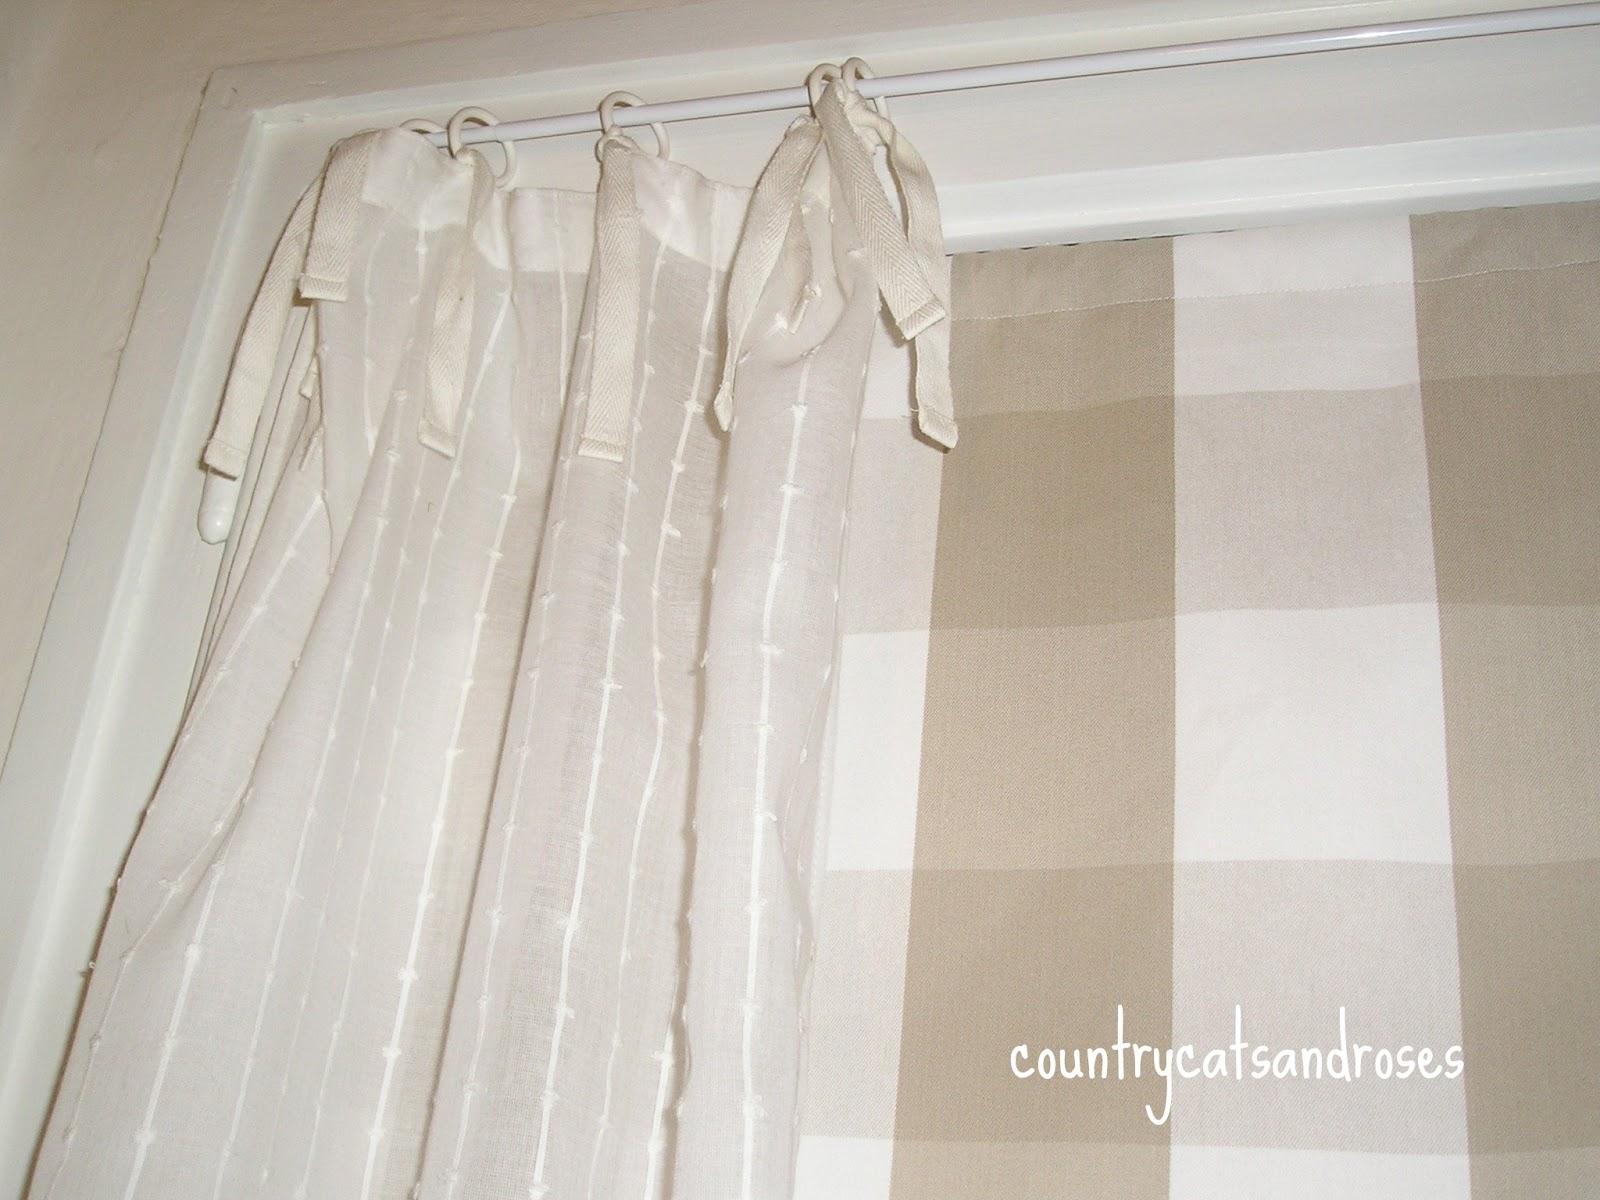 Tende Per Finestra Singola : Tende oscuranti per finestre interne trendy le tende a rullo sono